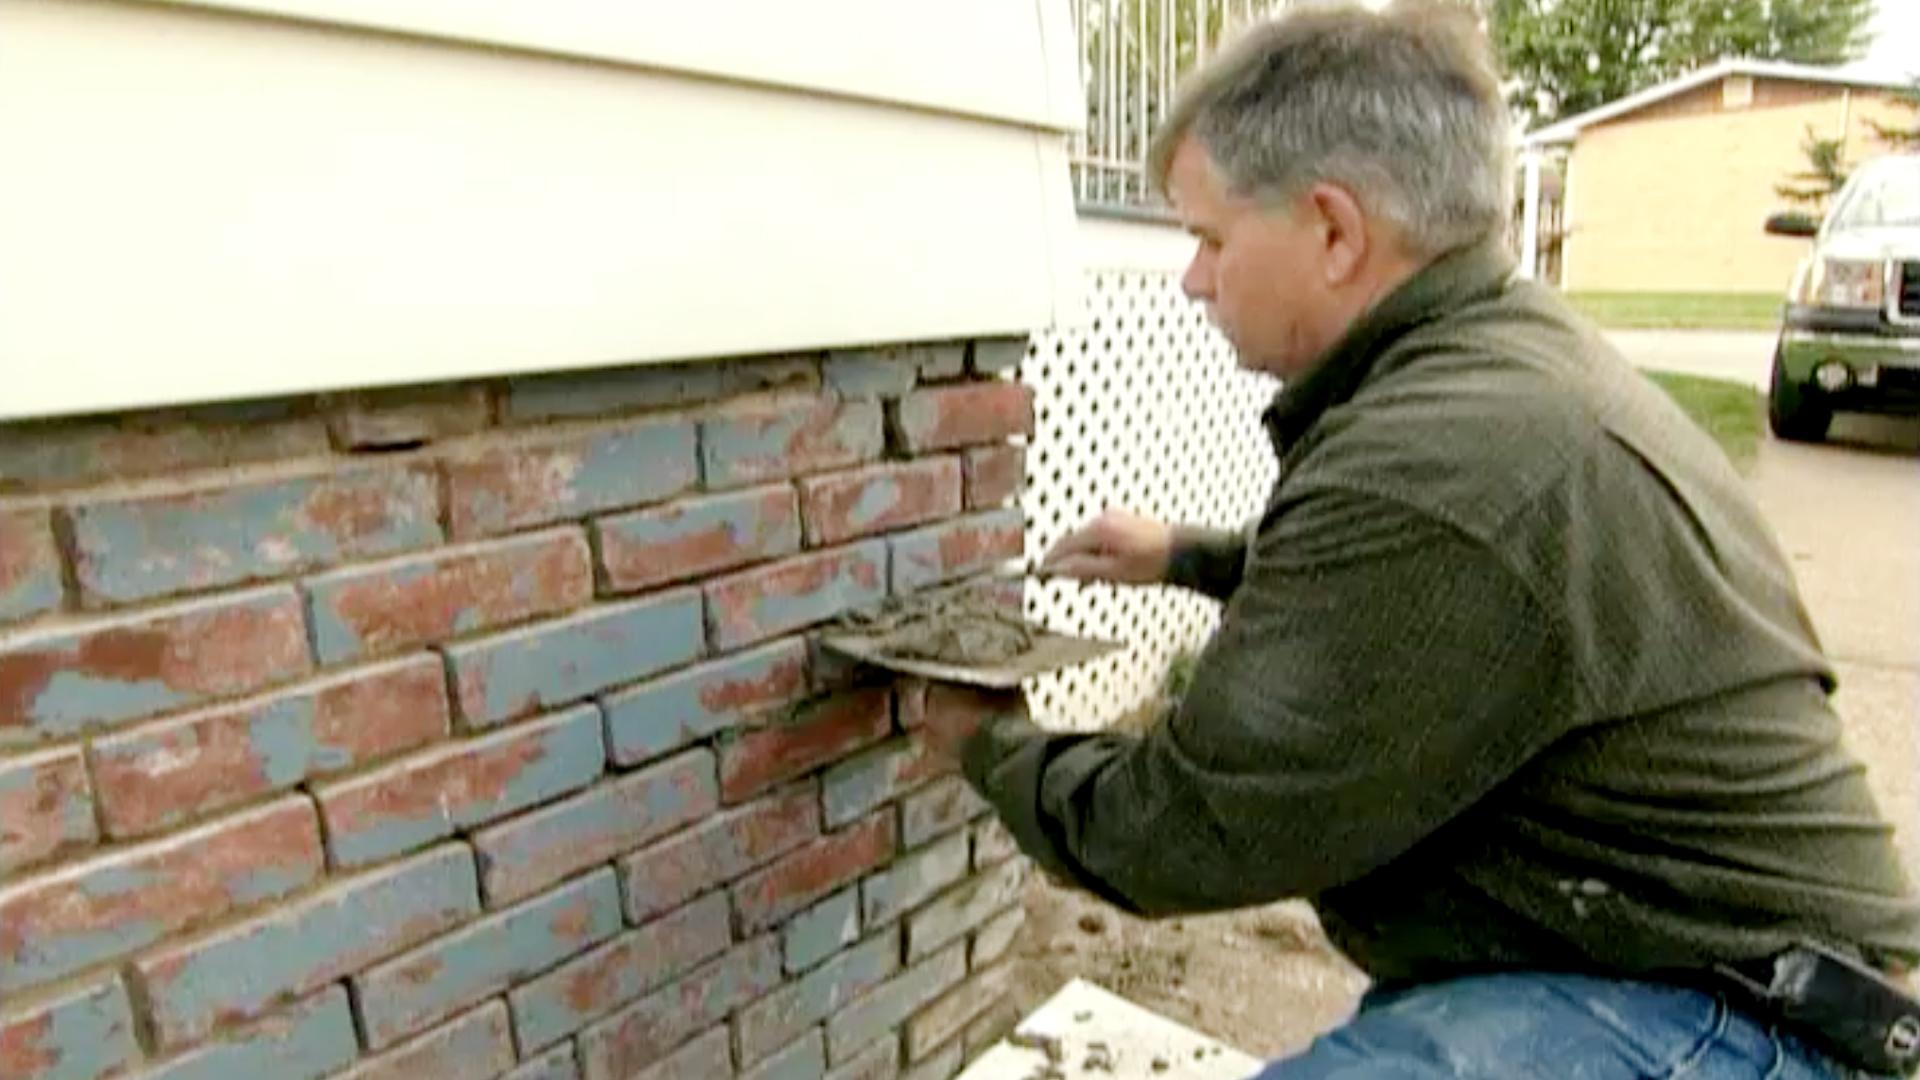 S5 E24, Tom Silva repoints a brick foundation